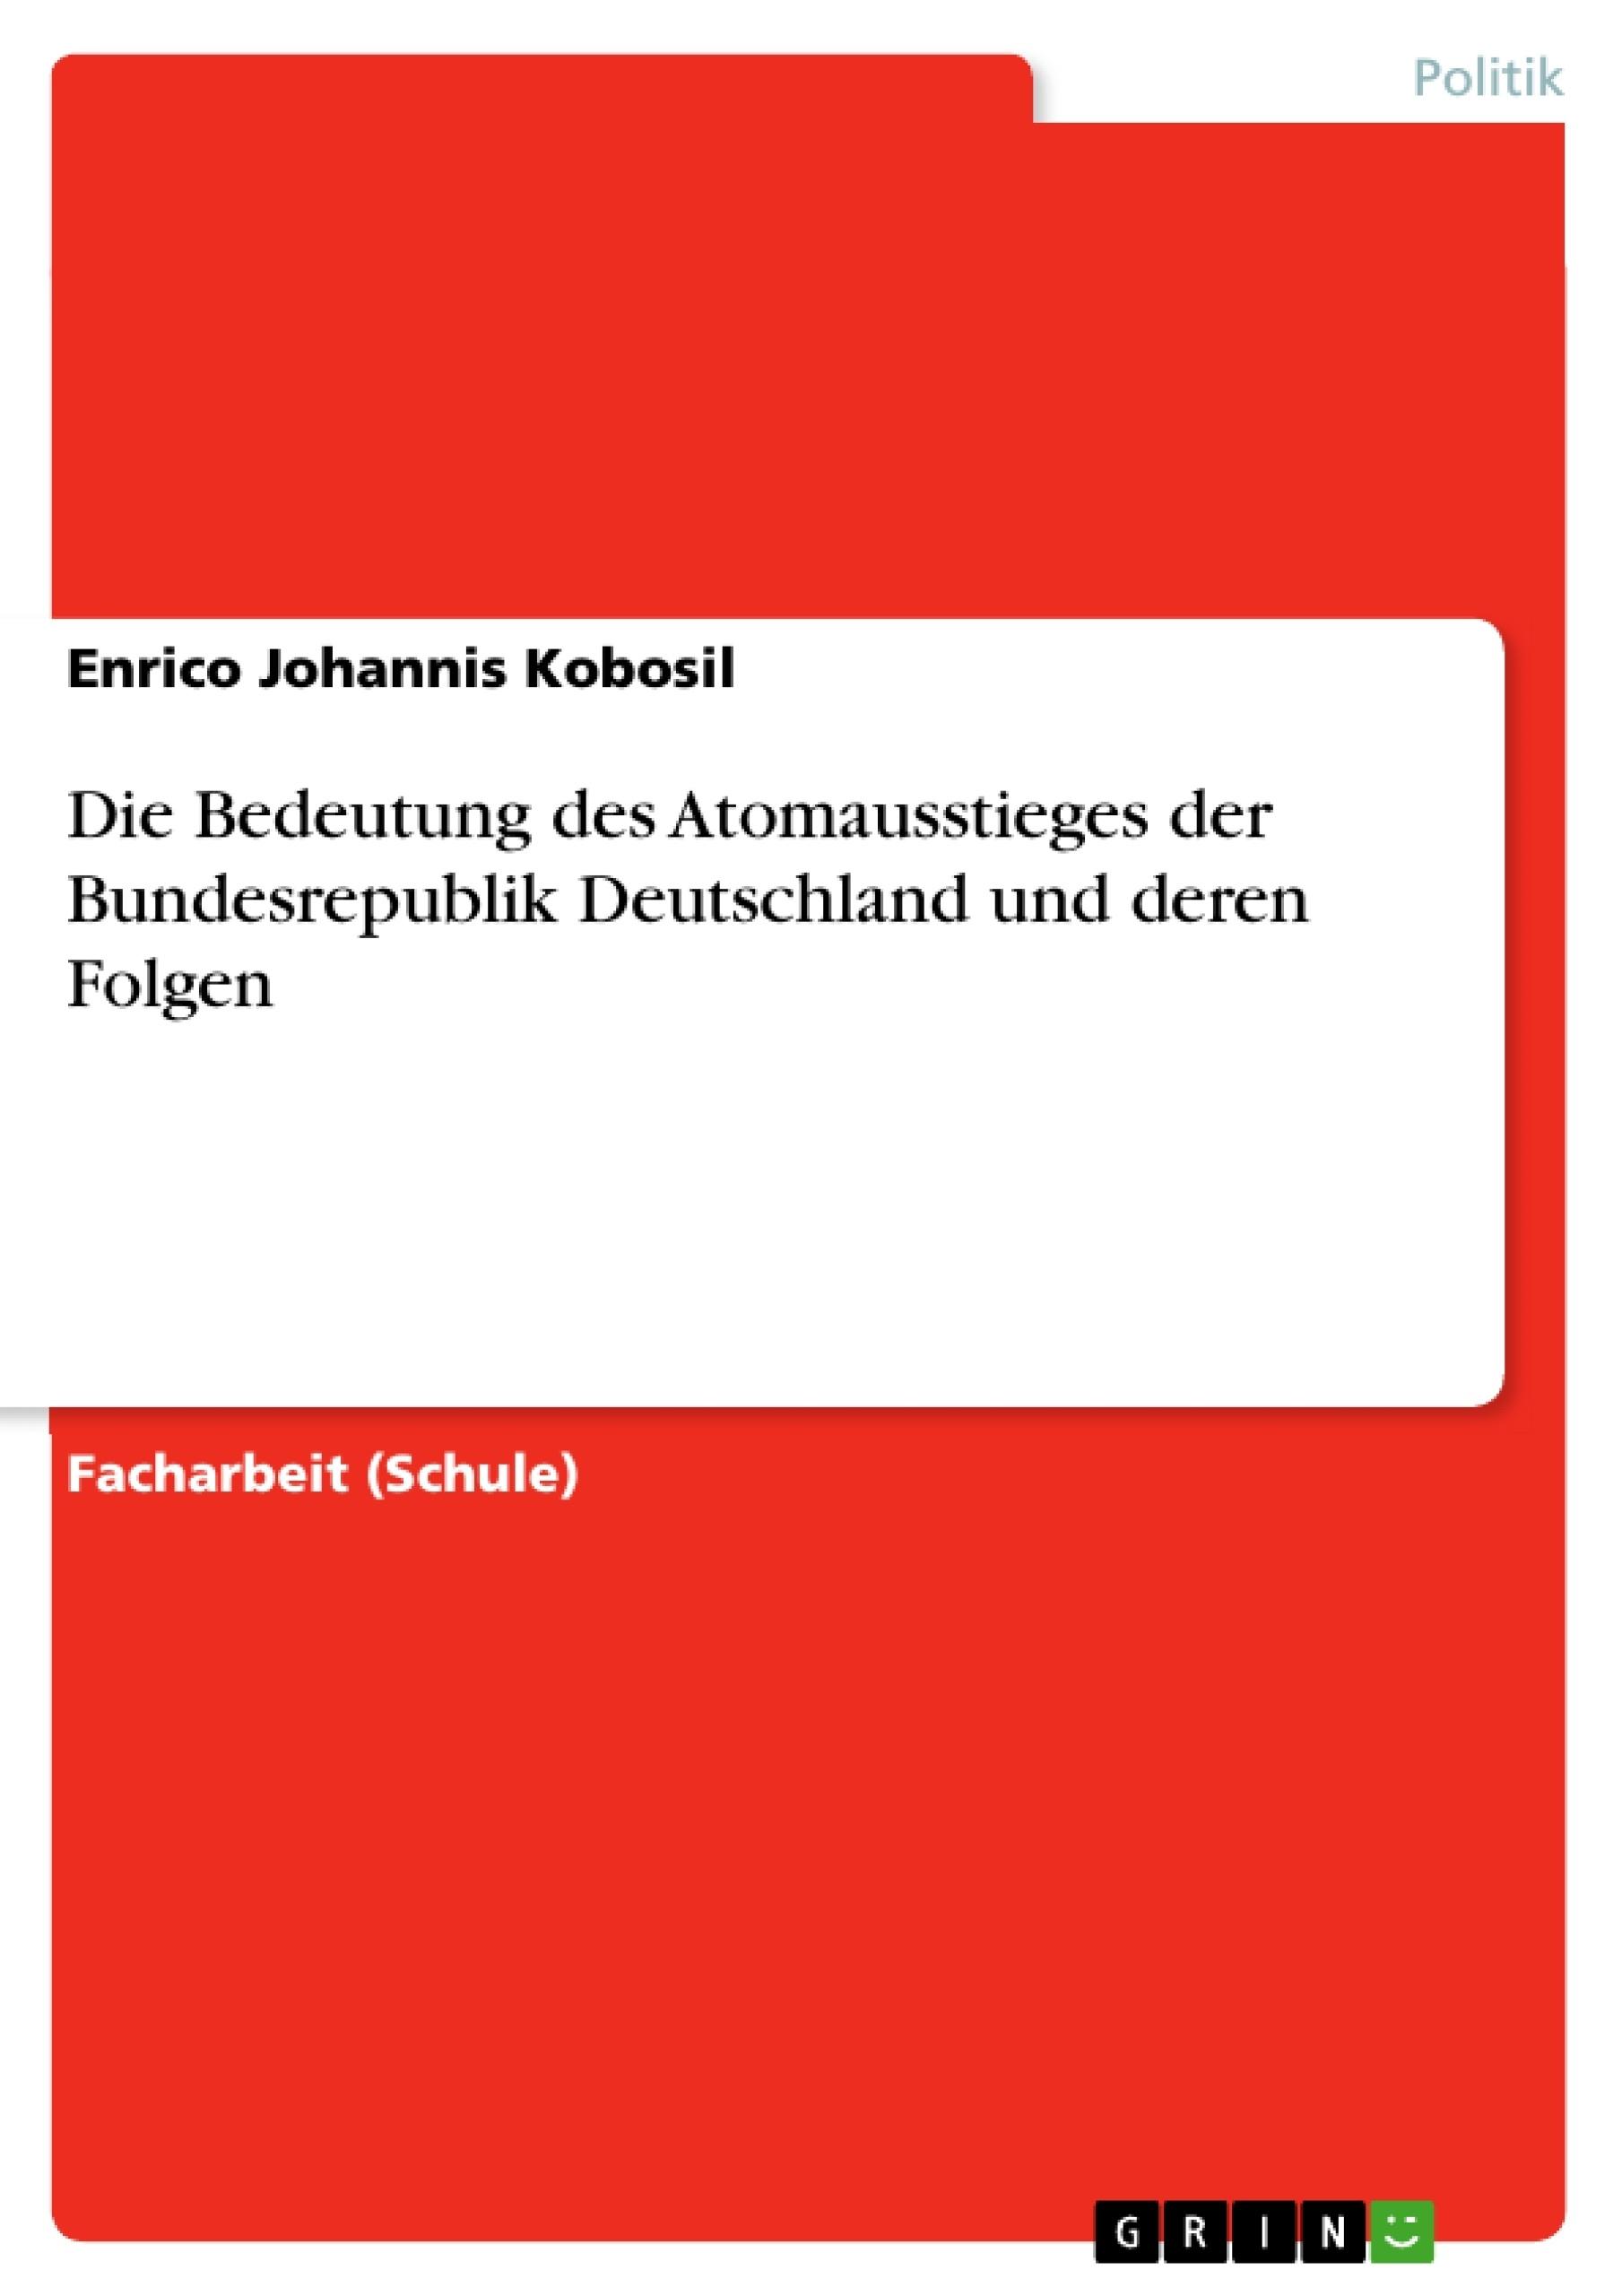 Titel: Die Bedeutung des Atomausstieges der Bundesrepublik Deutschland und deren Folgen